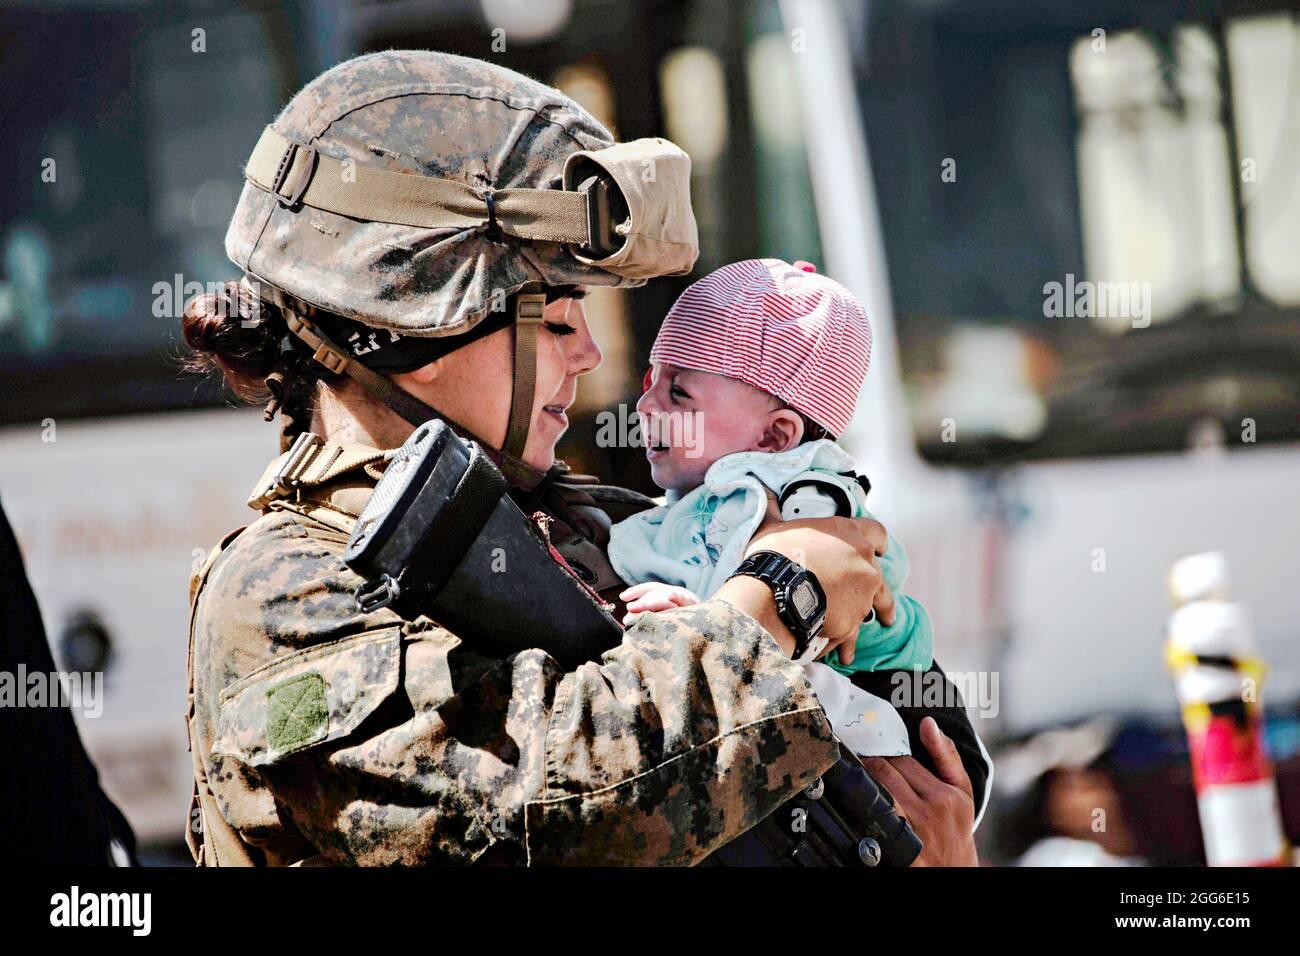 Kabul, Afghanistan. August 2021. Eine US-Marine mit der 24. Marine Expeditionary Unit beruhigt ein Kleinkind, das auf die Evakuierung am Hamid Karzai International Airport während der Operation Allies Refuge am 28. August 2021 in Kabul, Afghanistan, wartet. Quelle: Planetpix/Alamy Live News Stockfoto